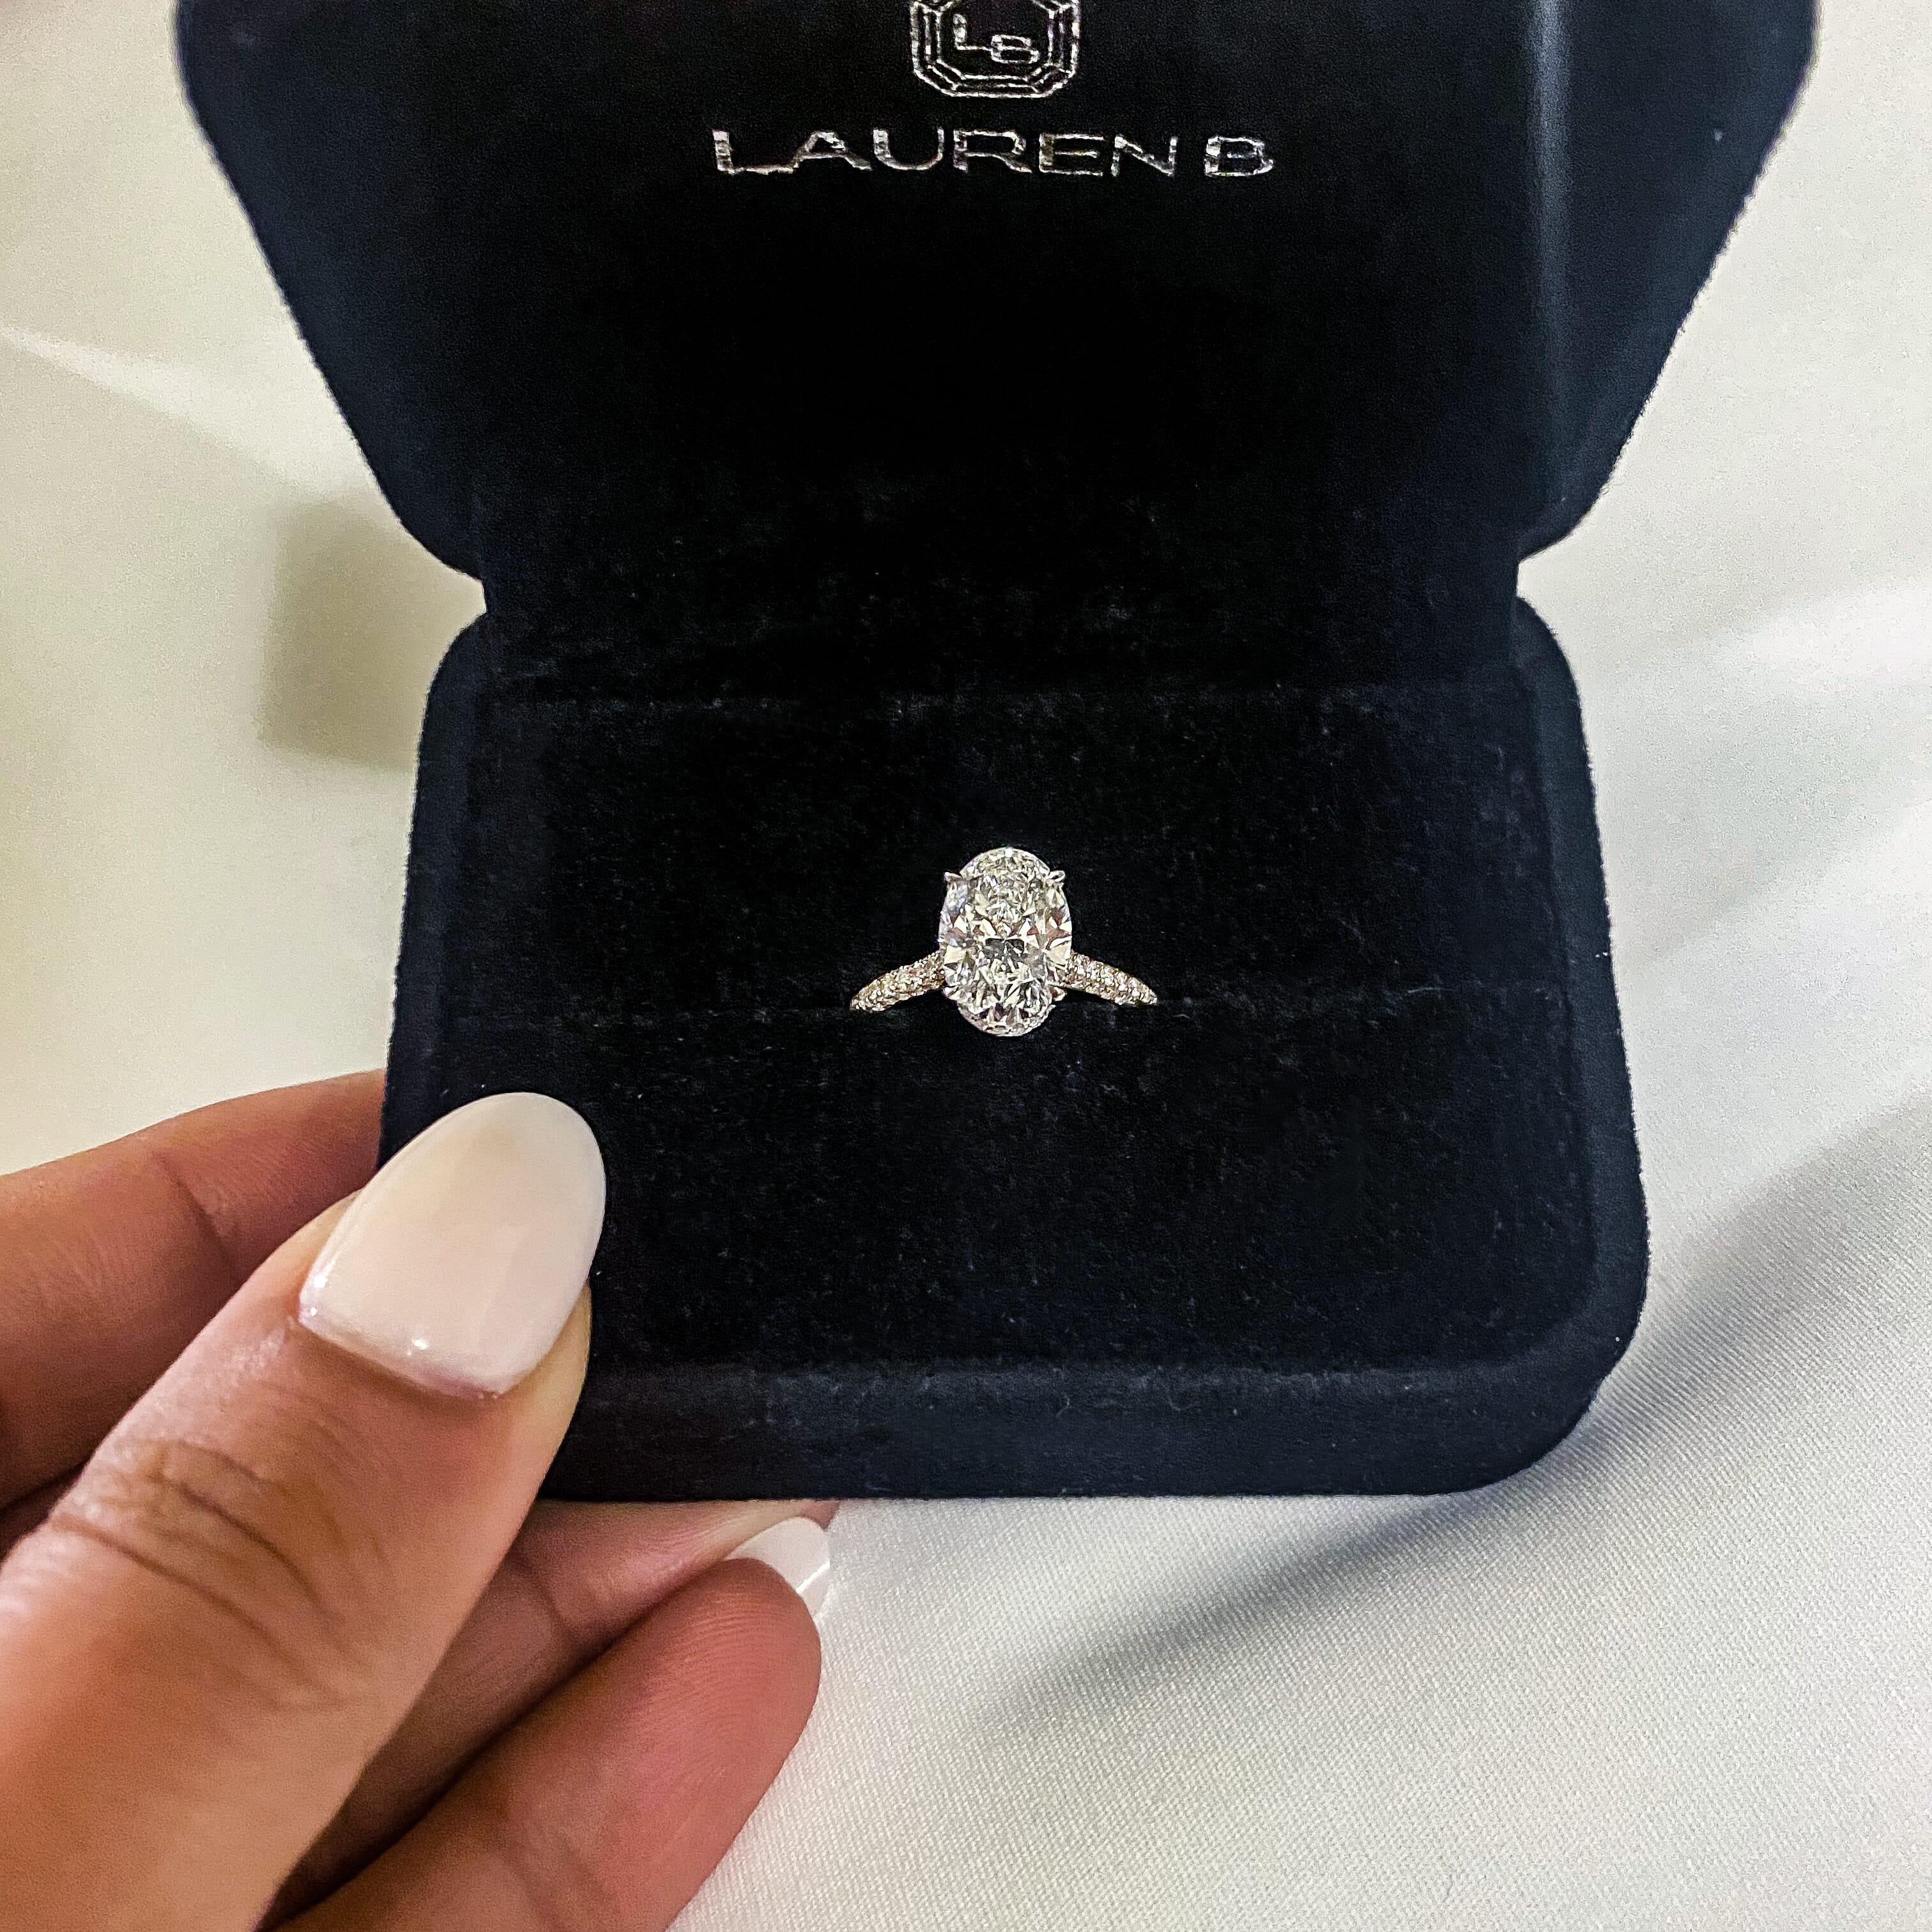 Lauren B Clients